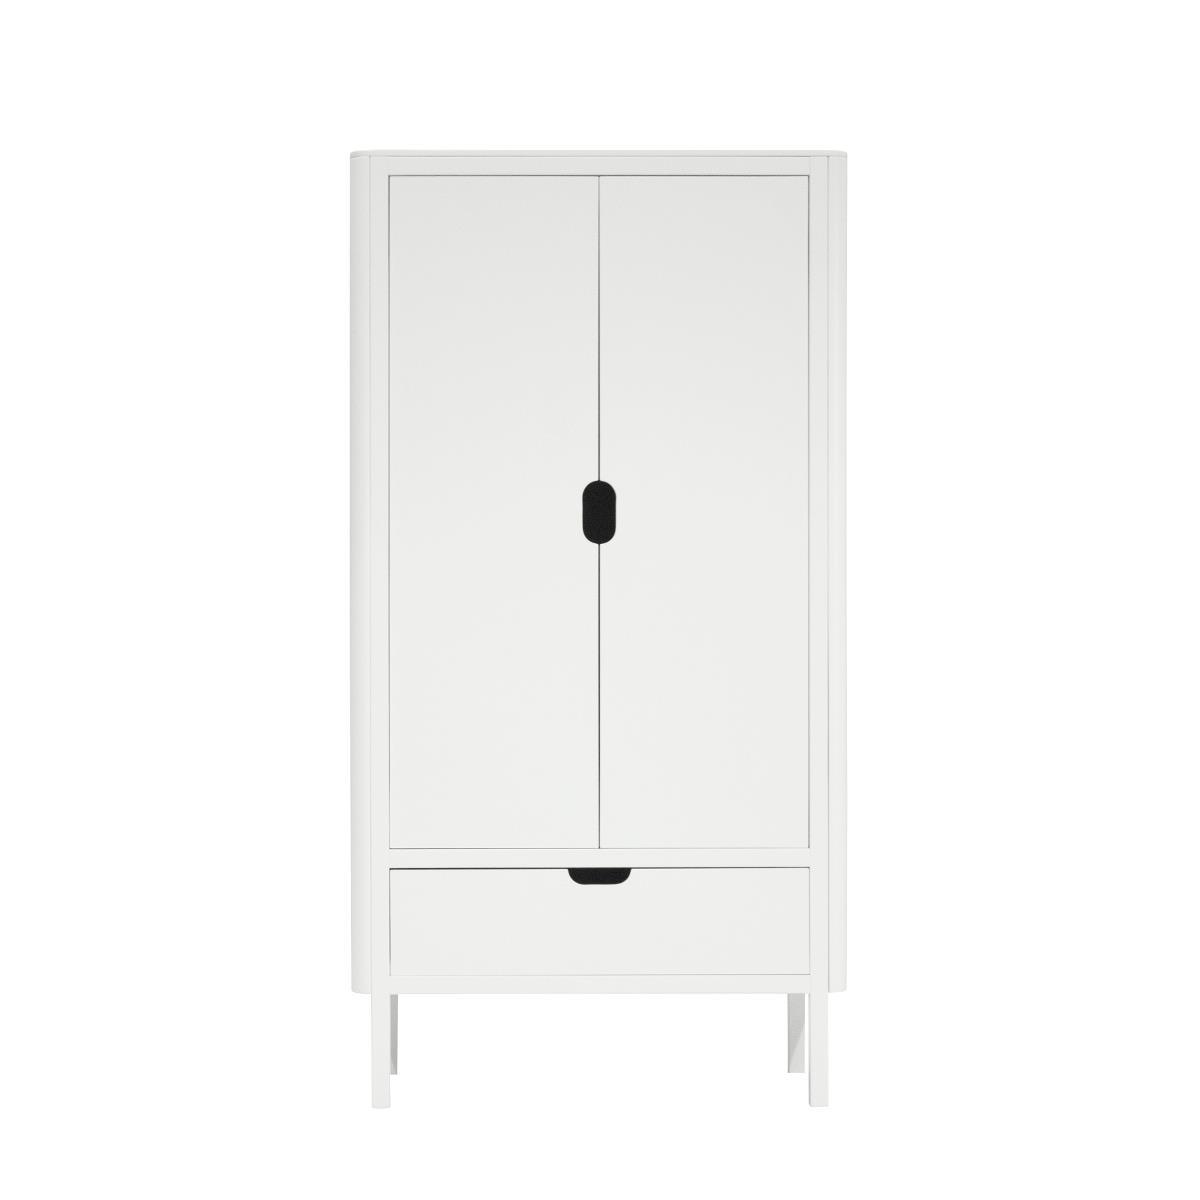 Sebra garderob två dörrar, Sebra Interiør